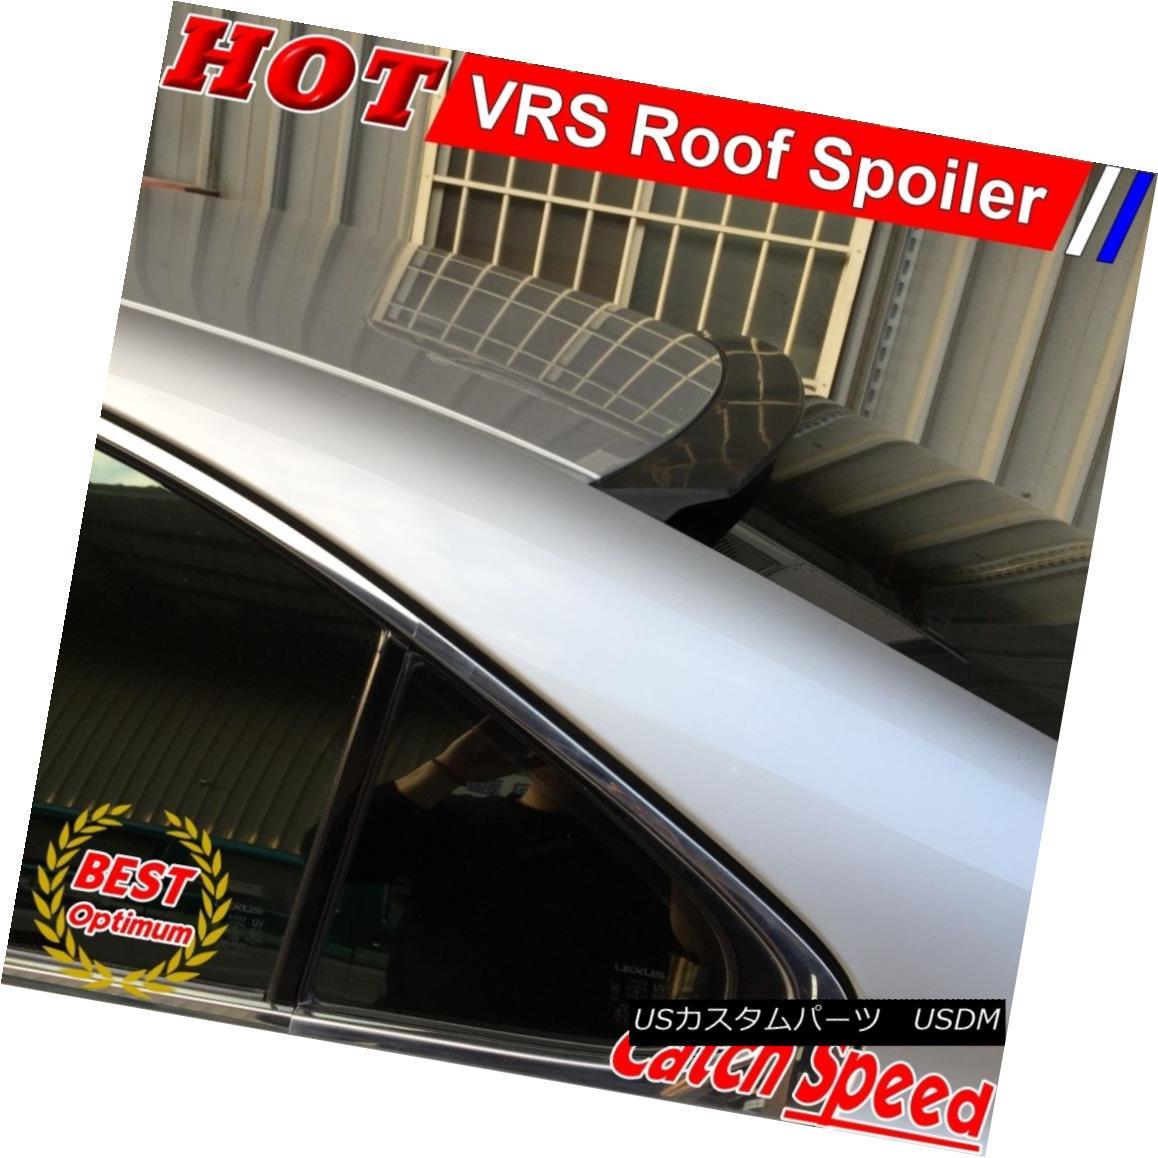 エアロパーツ Flat Black VRS Type Rear Roof Spoiler Wing For Toyota Allion 2001-2007 Sedan トヨタアリオン2001-2007セダン用フラットブラックVSタイプリアルーフスポイラーウイング